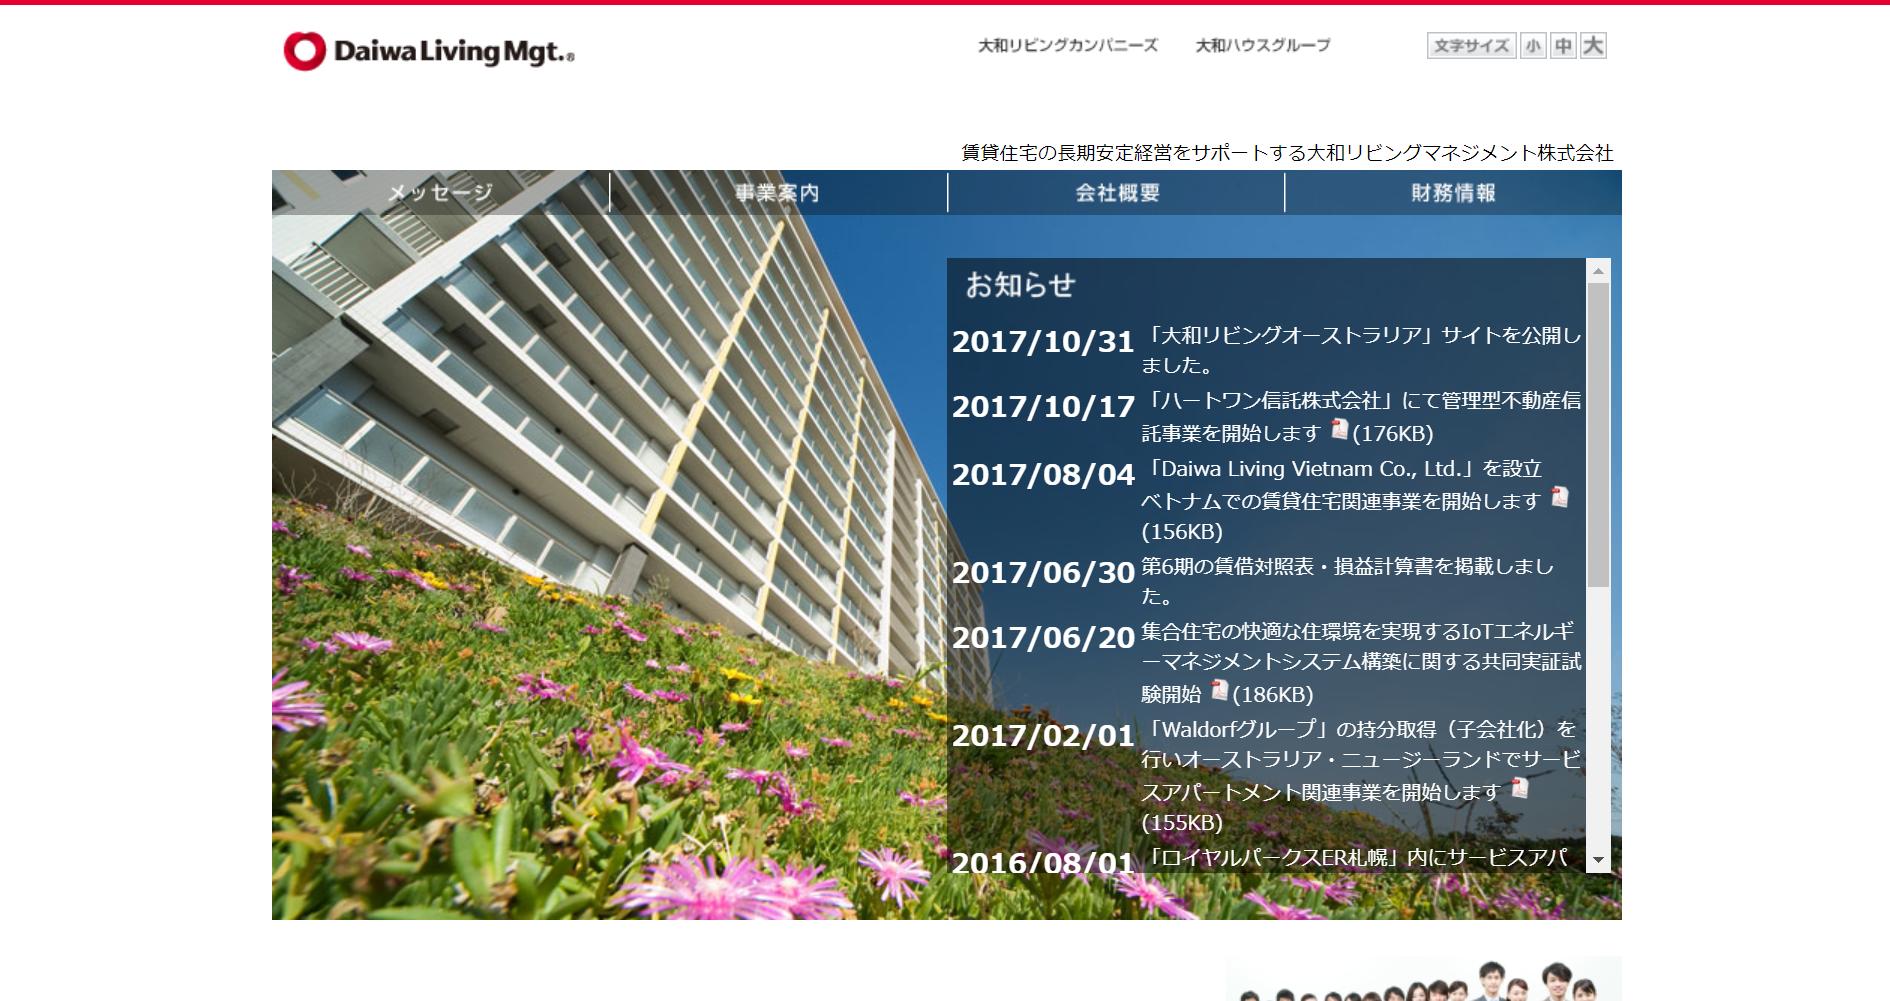 大和リビングマネジメントの評判・口コミ